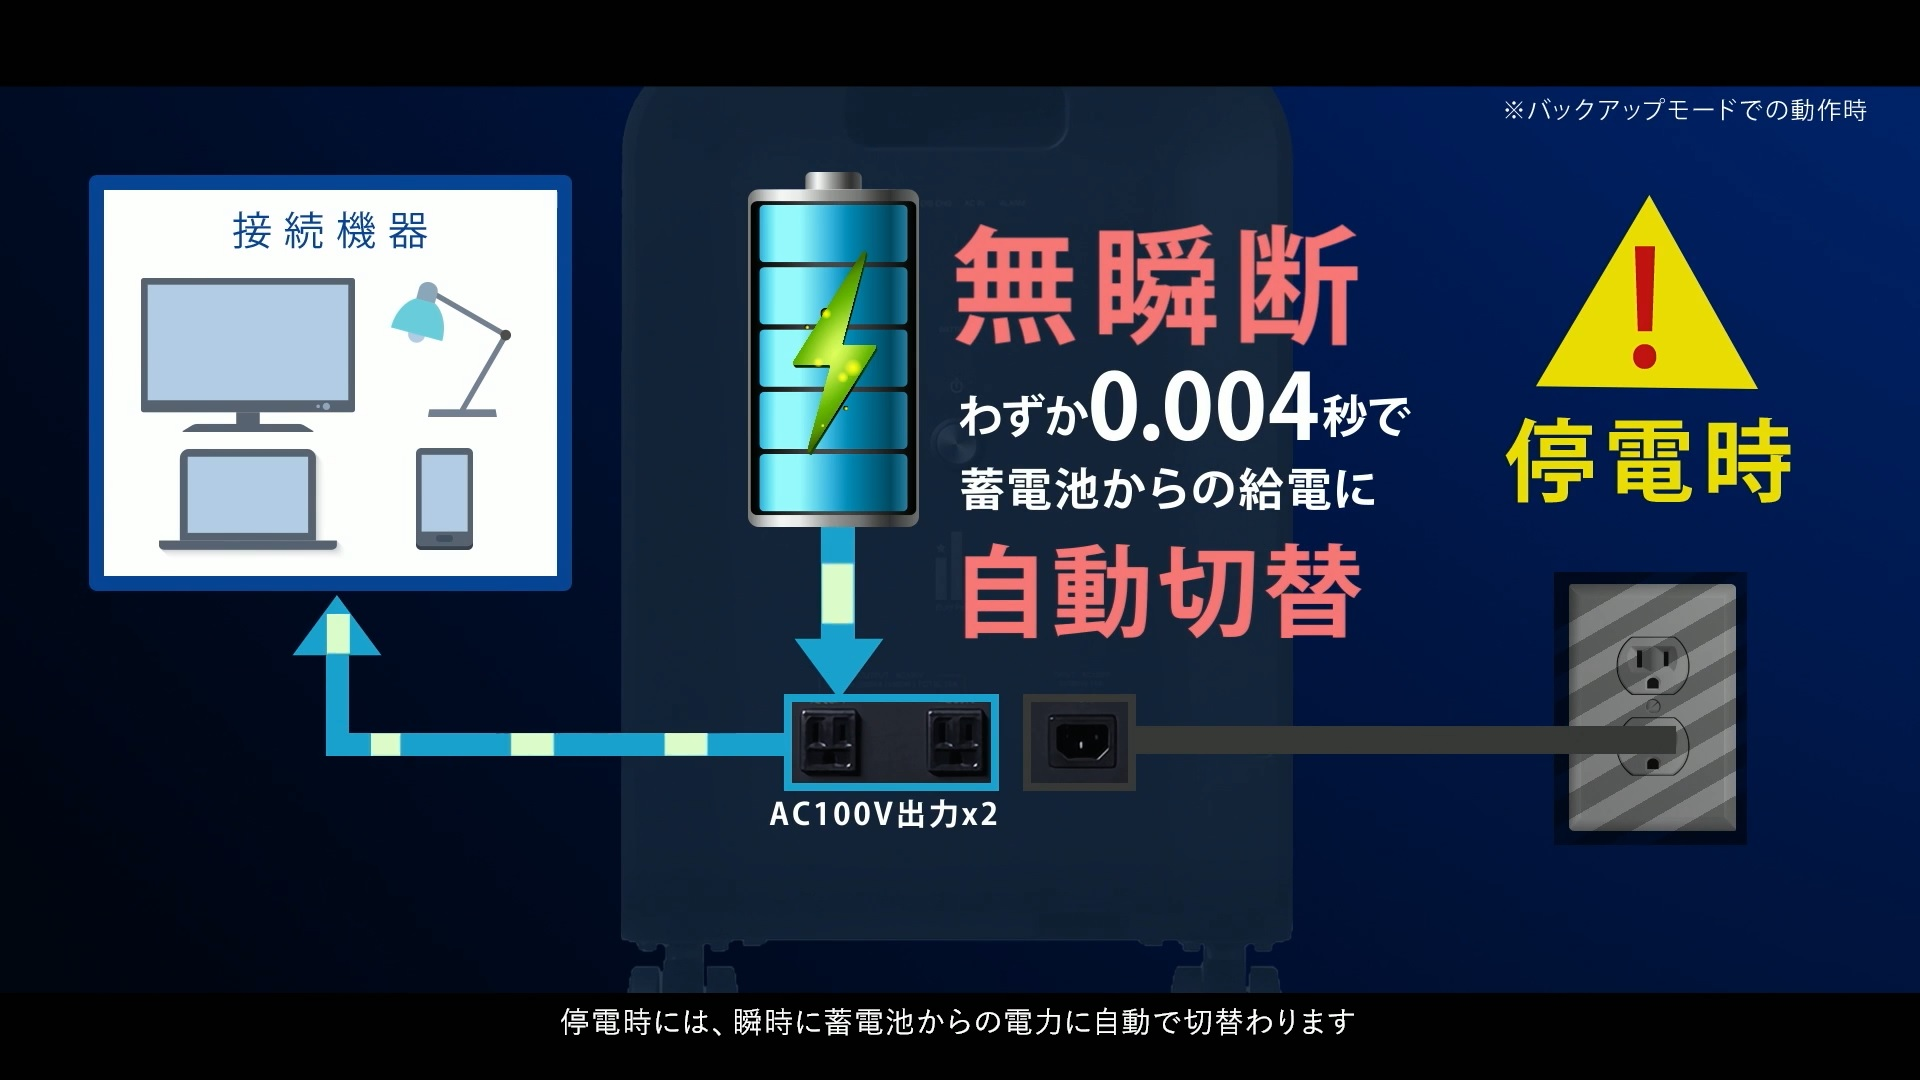 停電が発生すれば無瞬断わずか0.004秒で蓄電池からの供給に自動切替